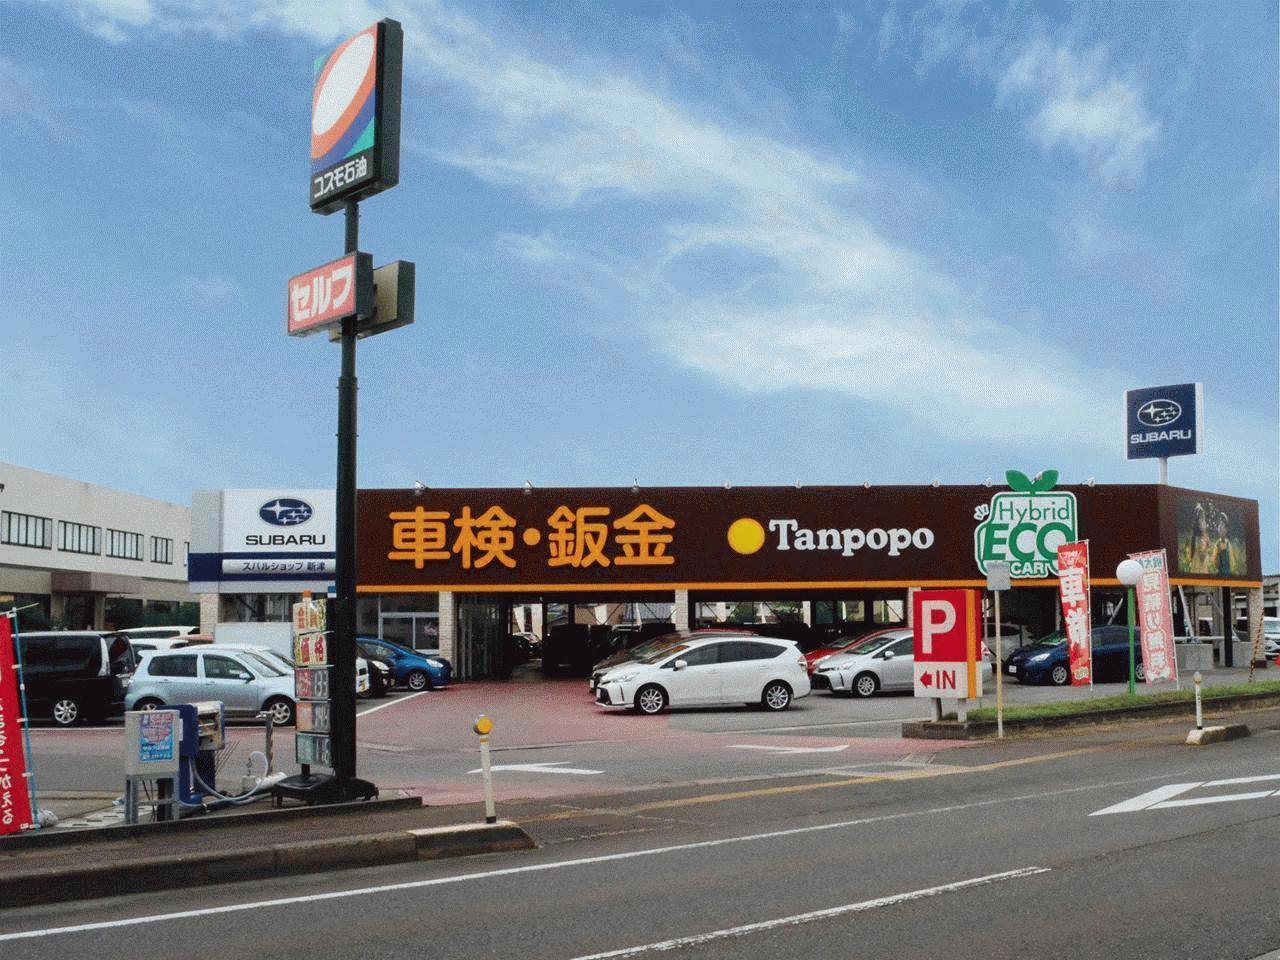 エコカー・ハイブリッドカー専門店 ビックカードーム タンポポ (株)川内自動車